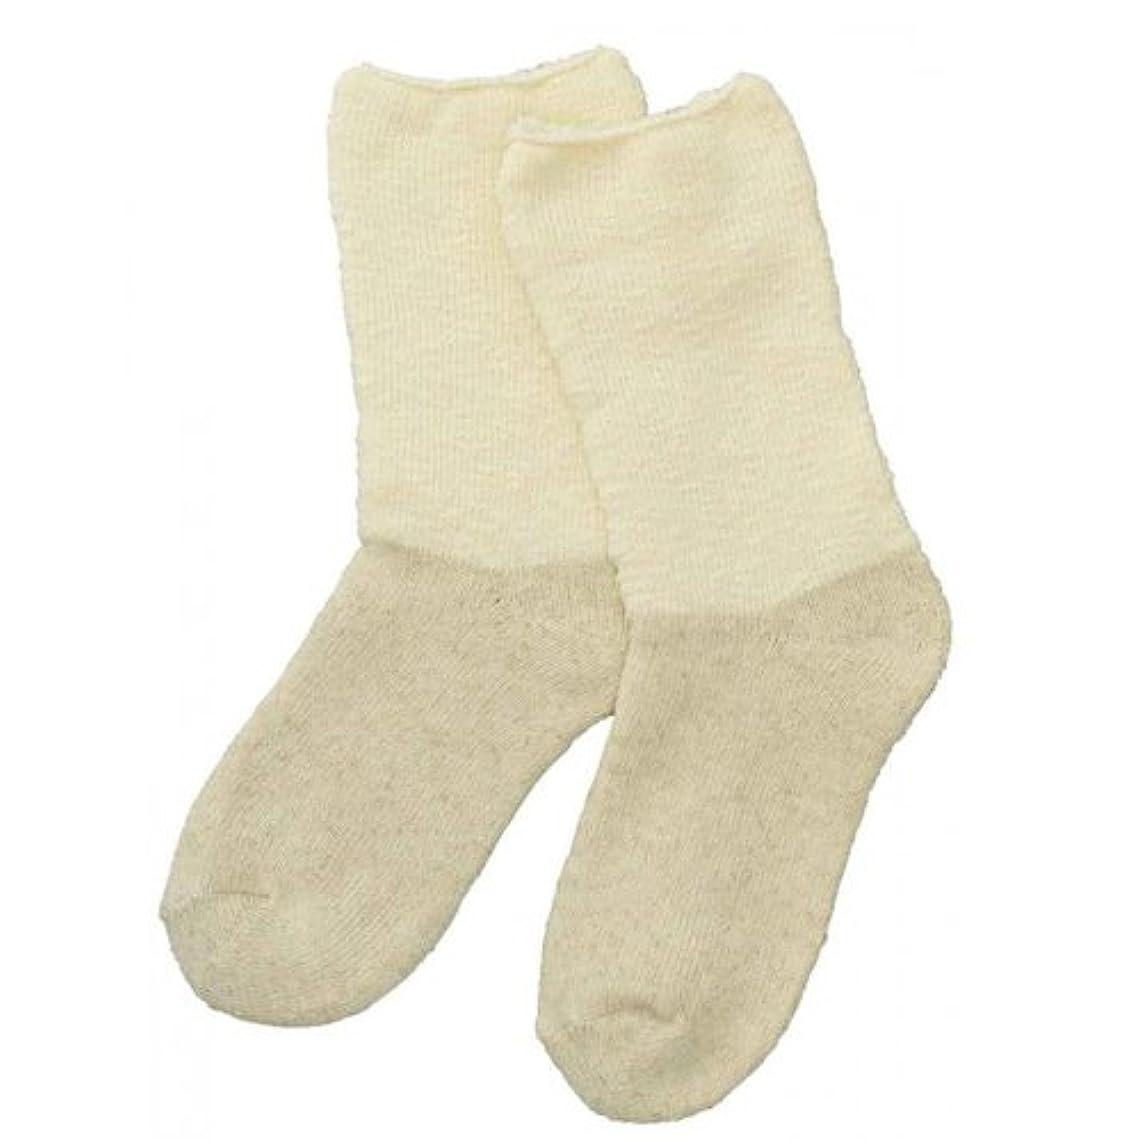 挨拶する優先Carelance(ケアランス)お風呂上りのやさしい靴下 綿麻パイルで足先さわやか 8706CA-31 クリーム